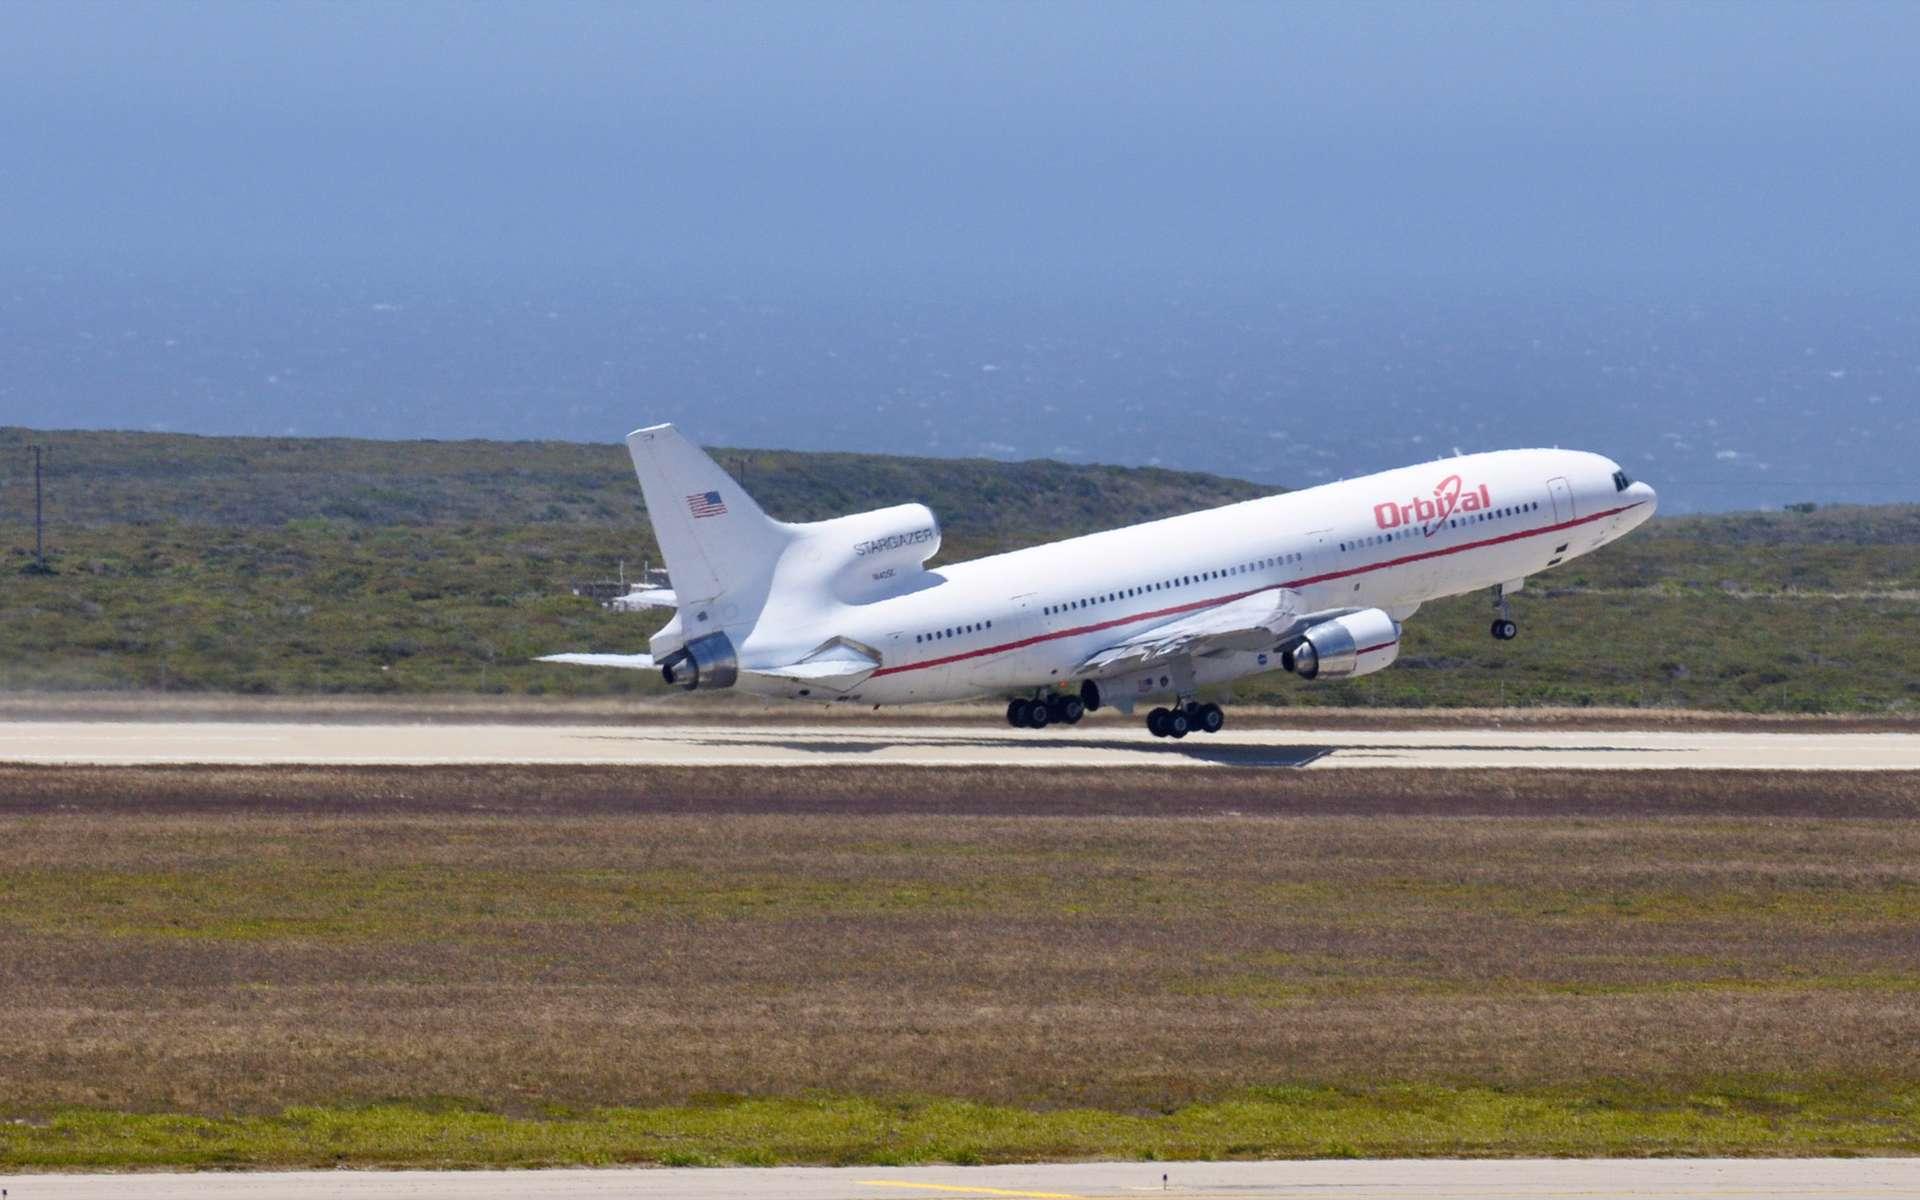 Au décollage, le Lockeed L-1011 d'Orbital Sciences qui emporte sous son ventre le lanceur aéroporté Pegasus XL transportant Nustar. L'avion s'est élancé de l'atoll de Kwajalein dans les îles Marshall, dans l'océan Pacifique. © Nasa